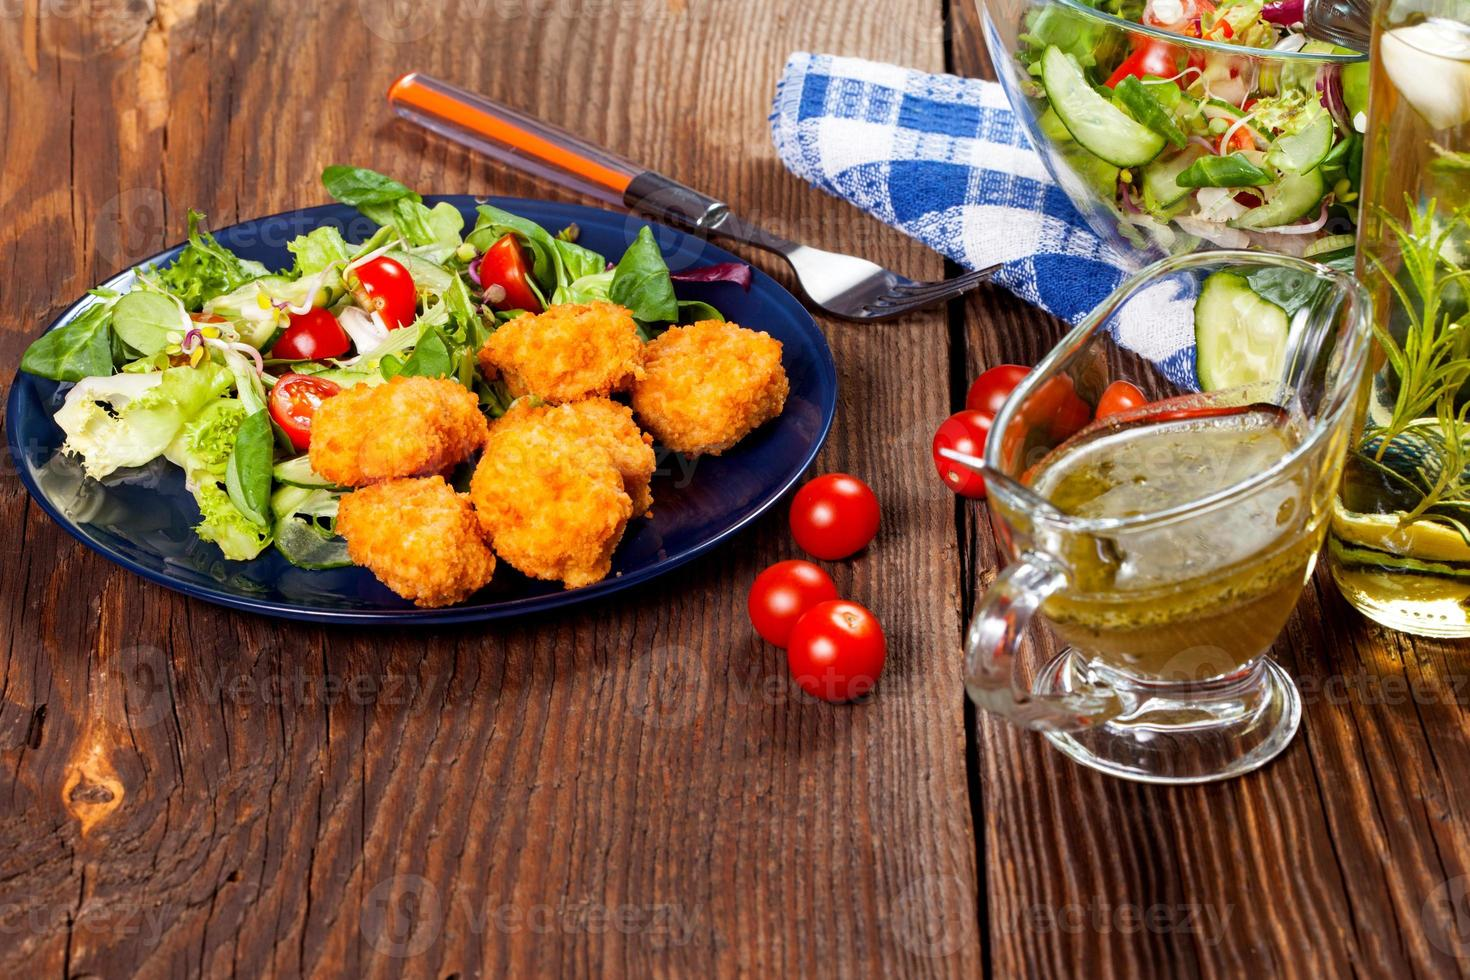 Mixed salad. photo